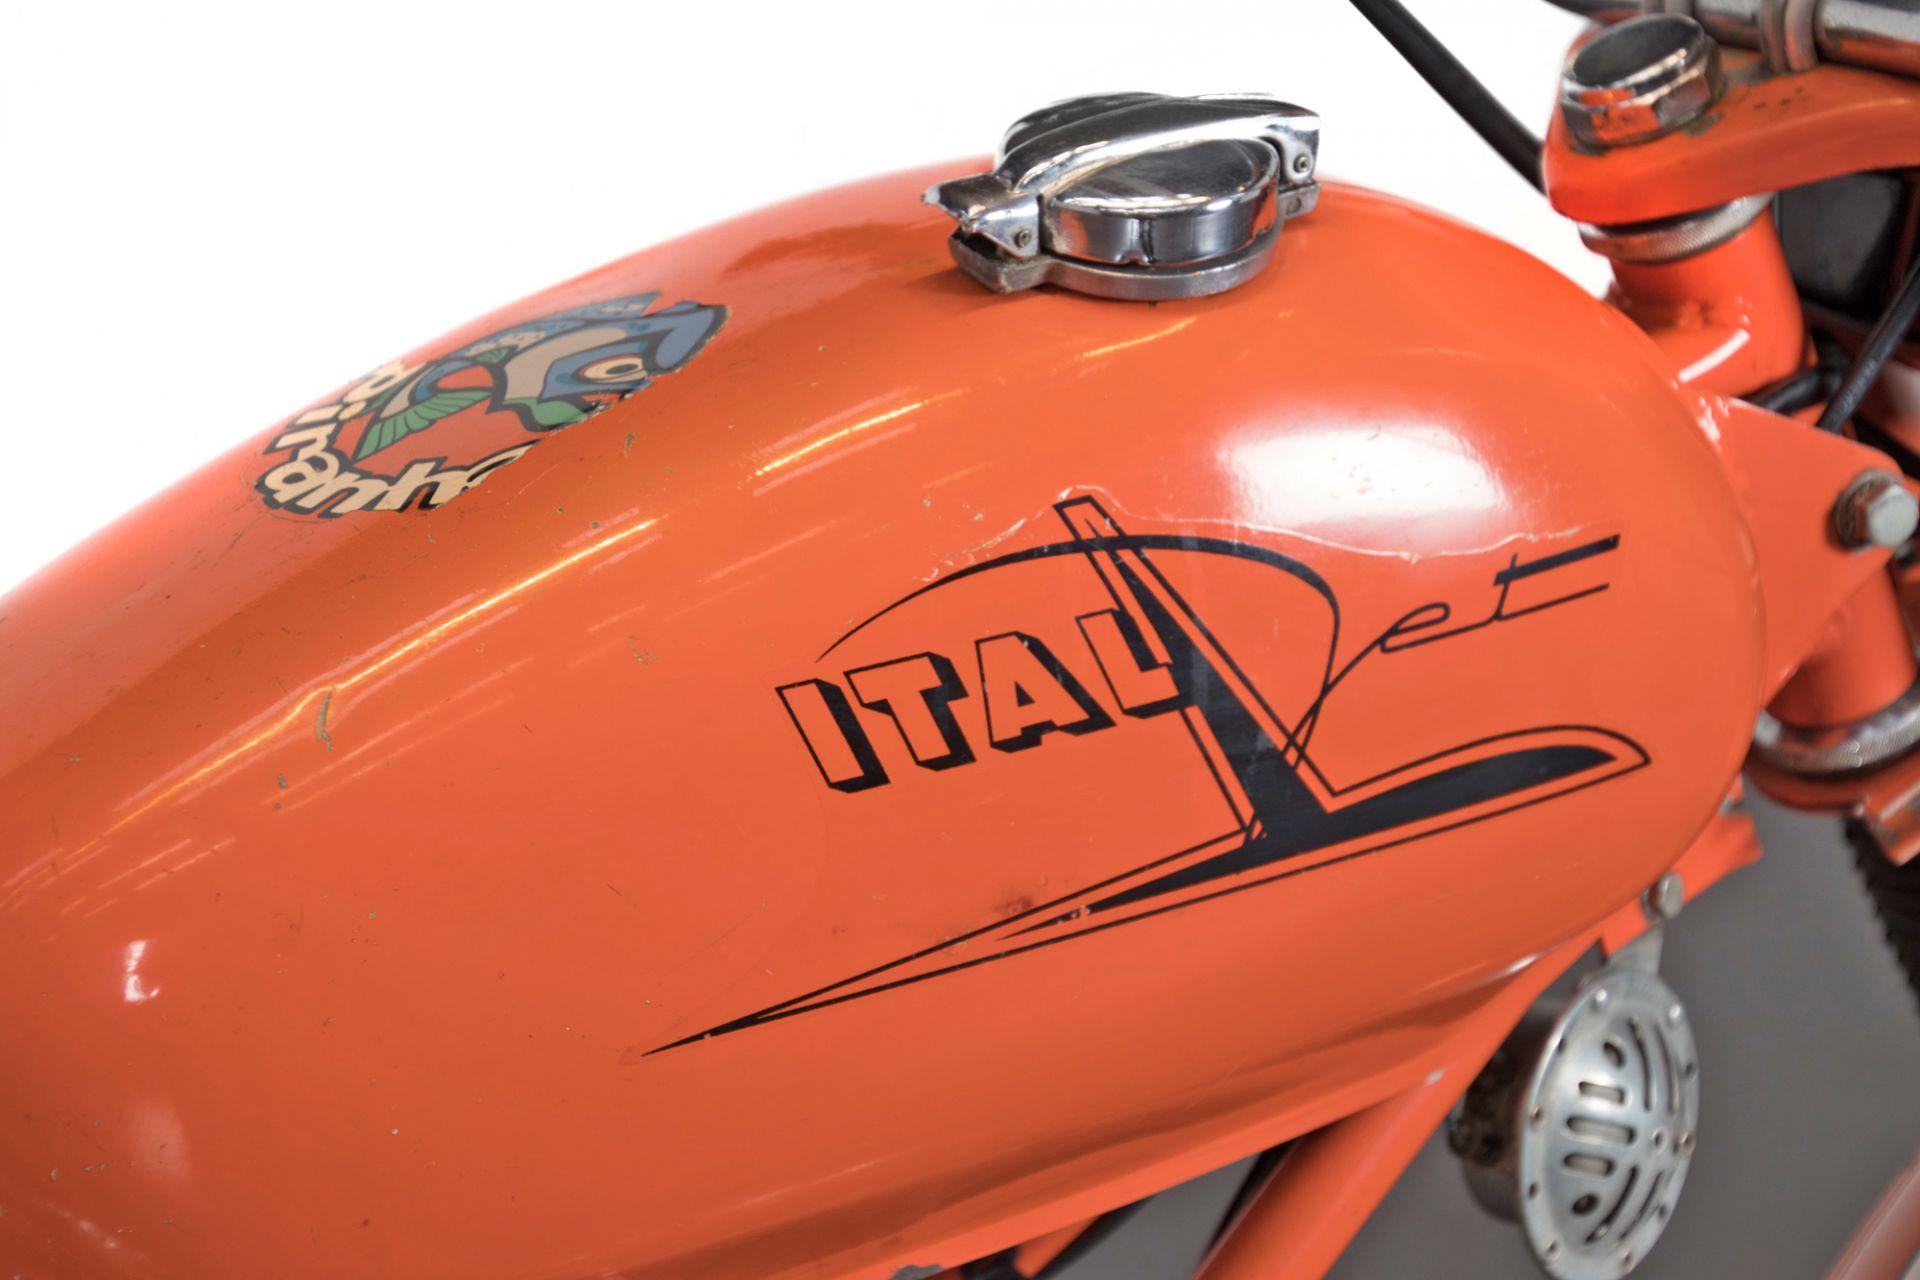 1967 Italjet Piranha 50 39365